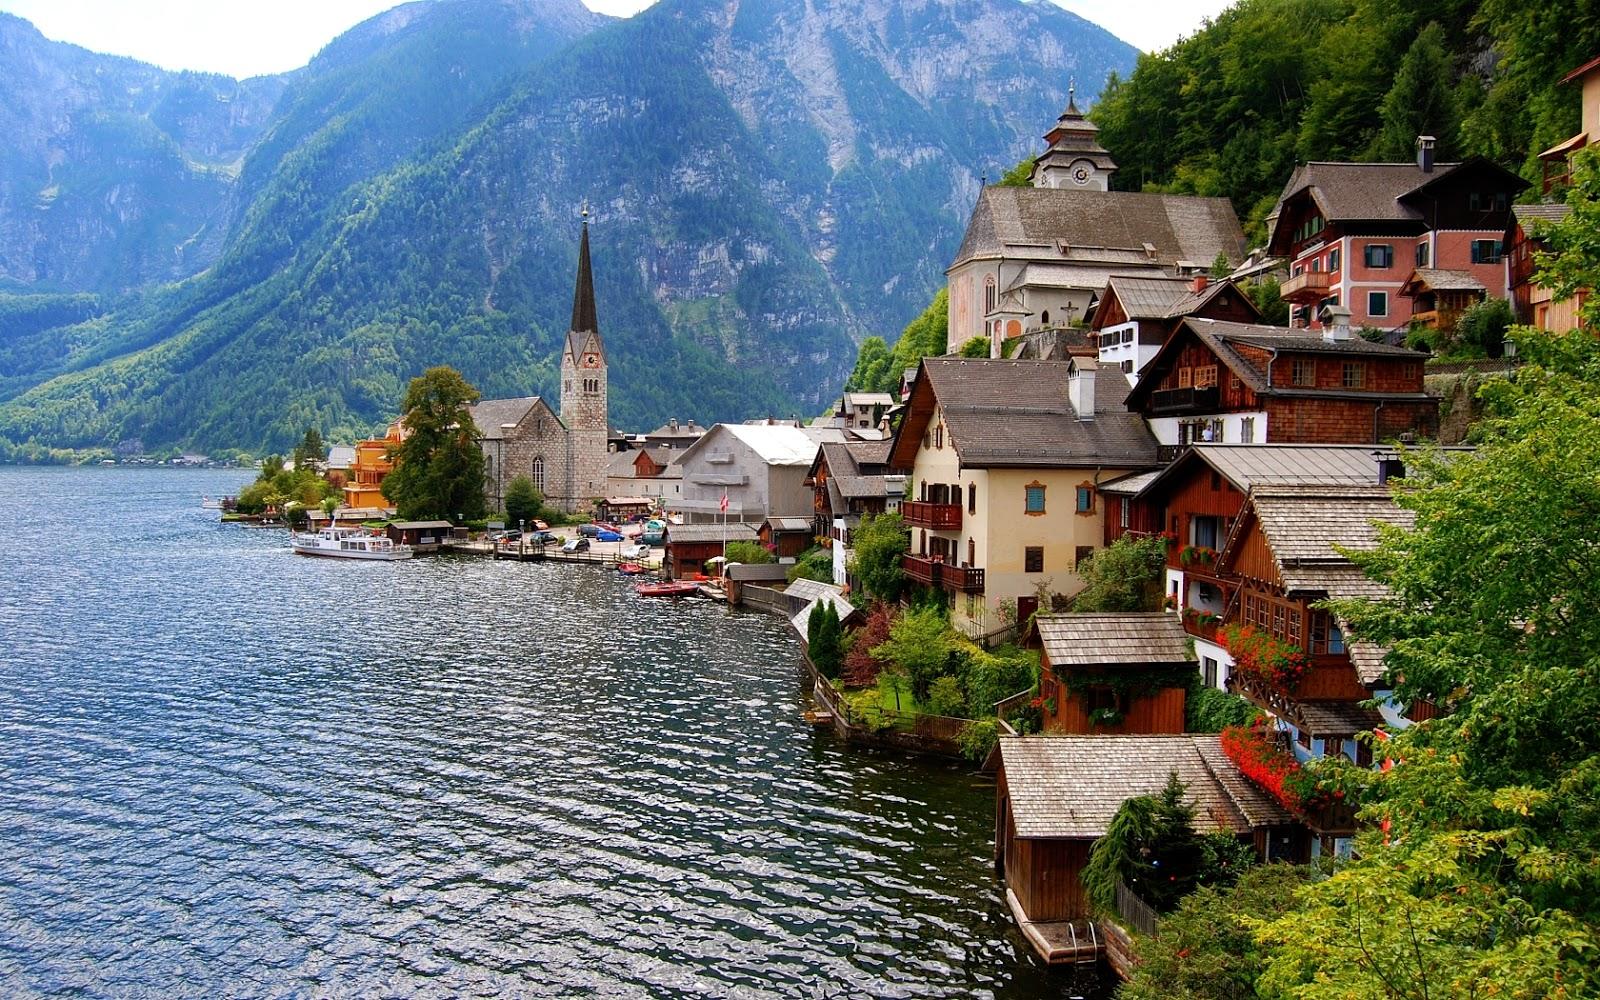 الريف في النمسا %D8%A7%D9%84%D9%82%D8%B1%D9%89-%D8%A7%D9%84%D8%B1%D9%8A%D9%81%D9%8A%D8%A9-%D9%81%D9%8A-%D8%A7%D9%84%D9%86%D9%85%D8%B3%D8%A7